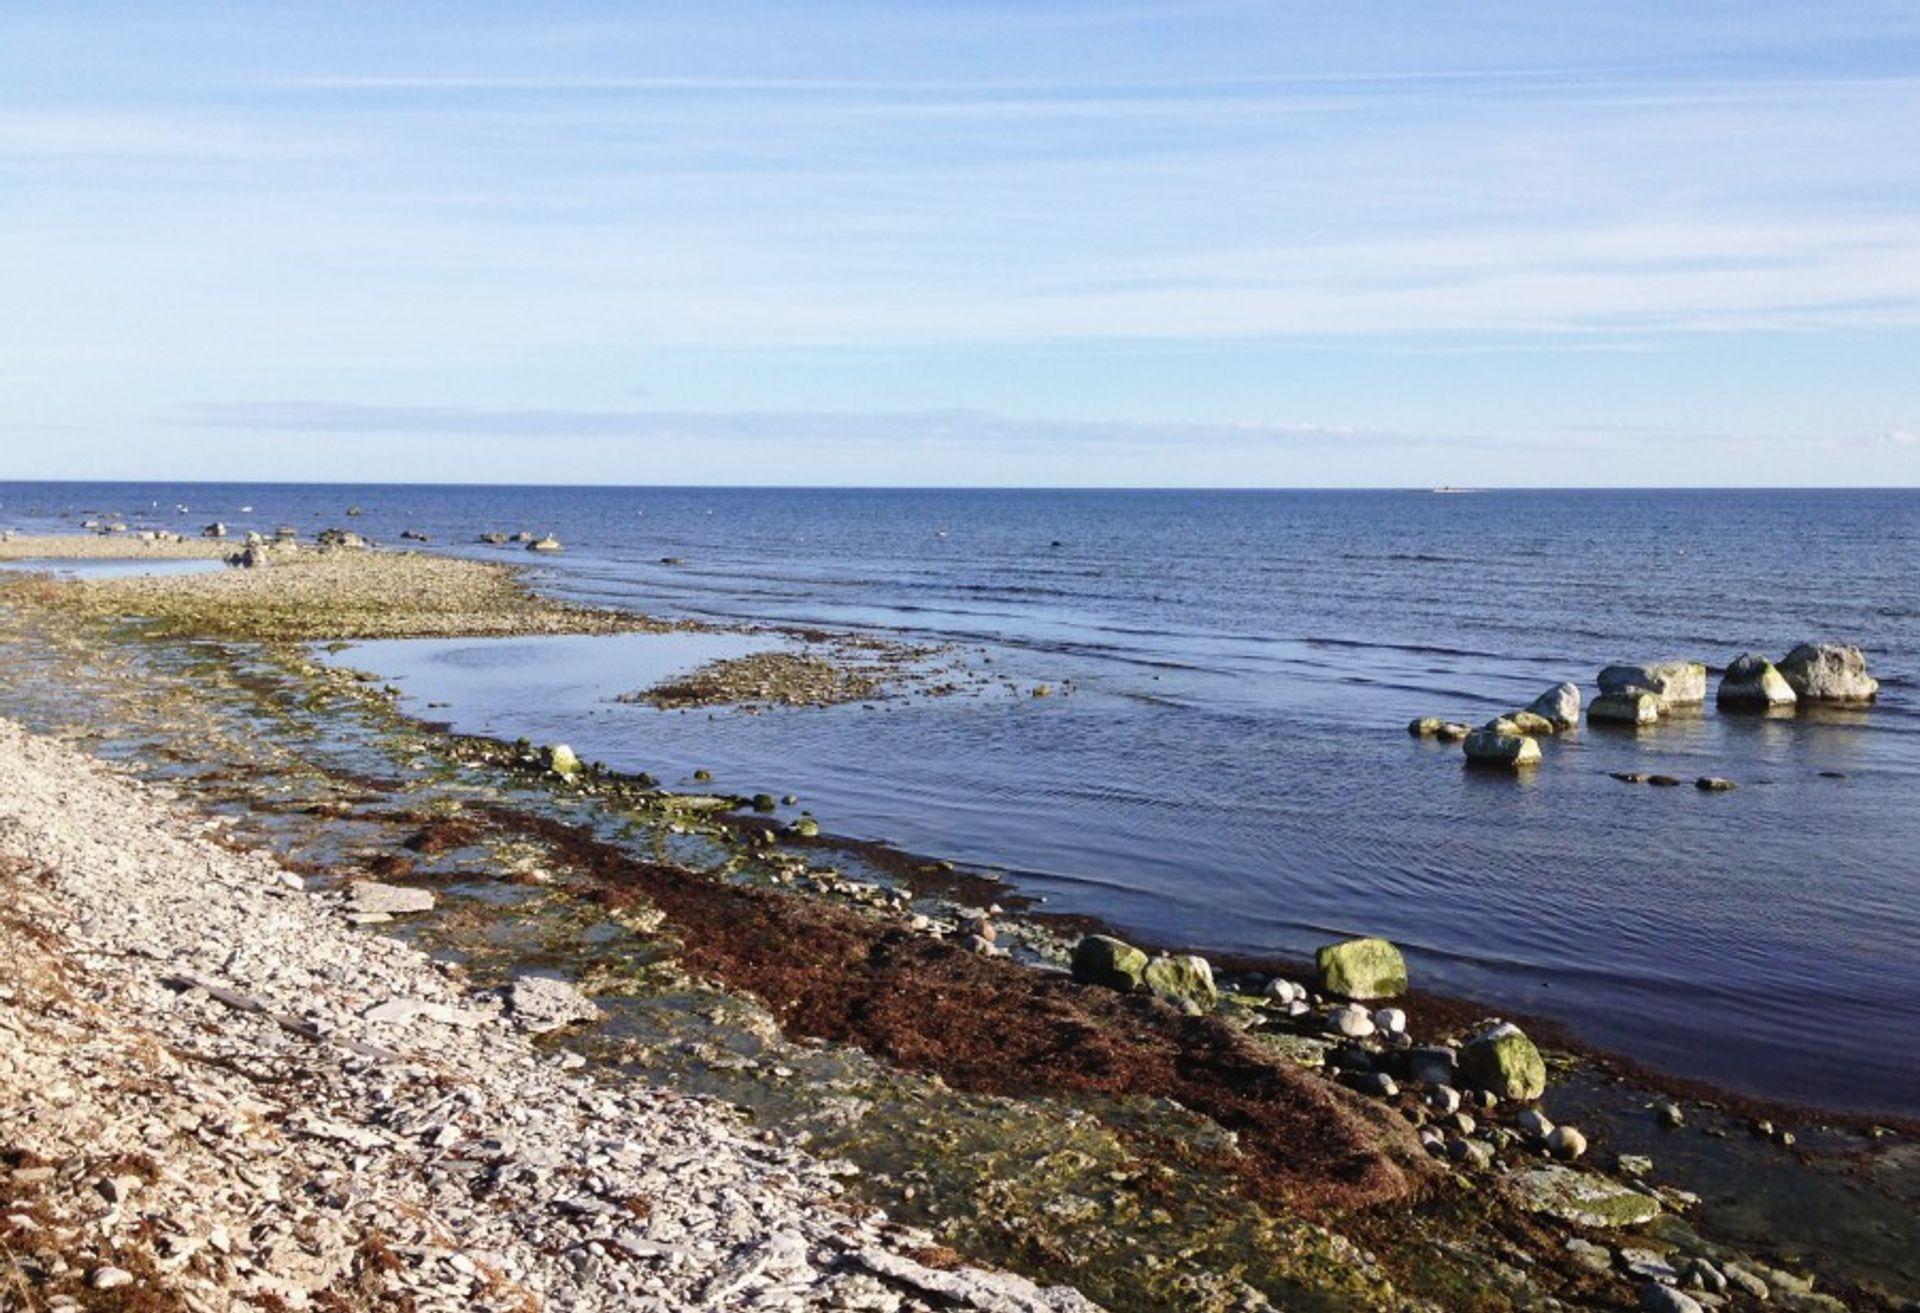 By the beach in Fårö, Gotland